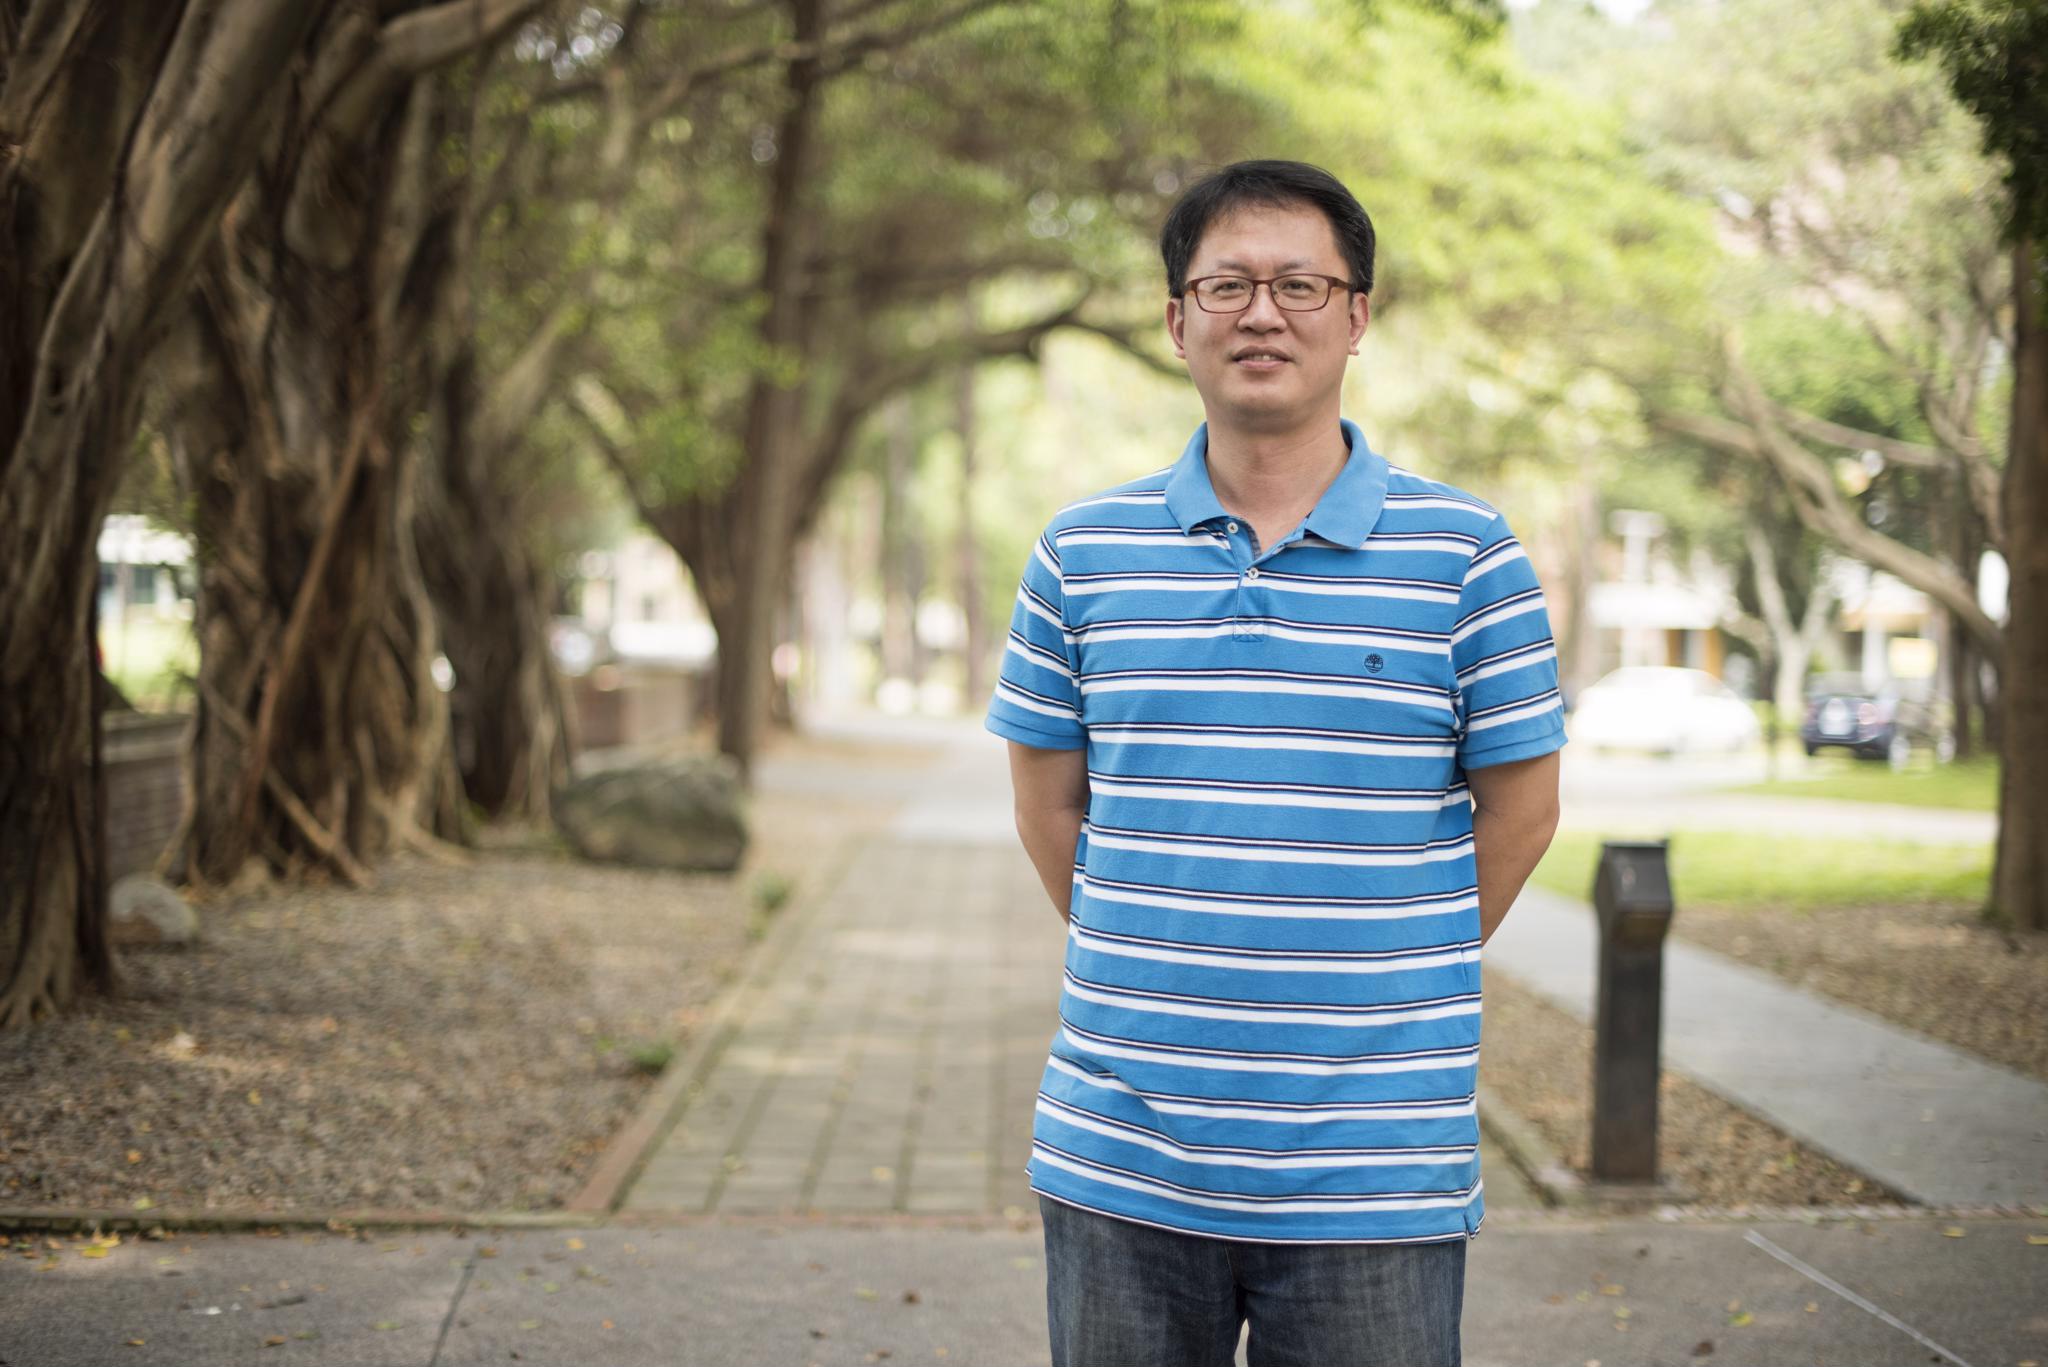 106優良導師系列報導-資管系李國誠:盡力扮演關心及陪伴的角色,彼此分享。